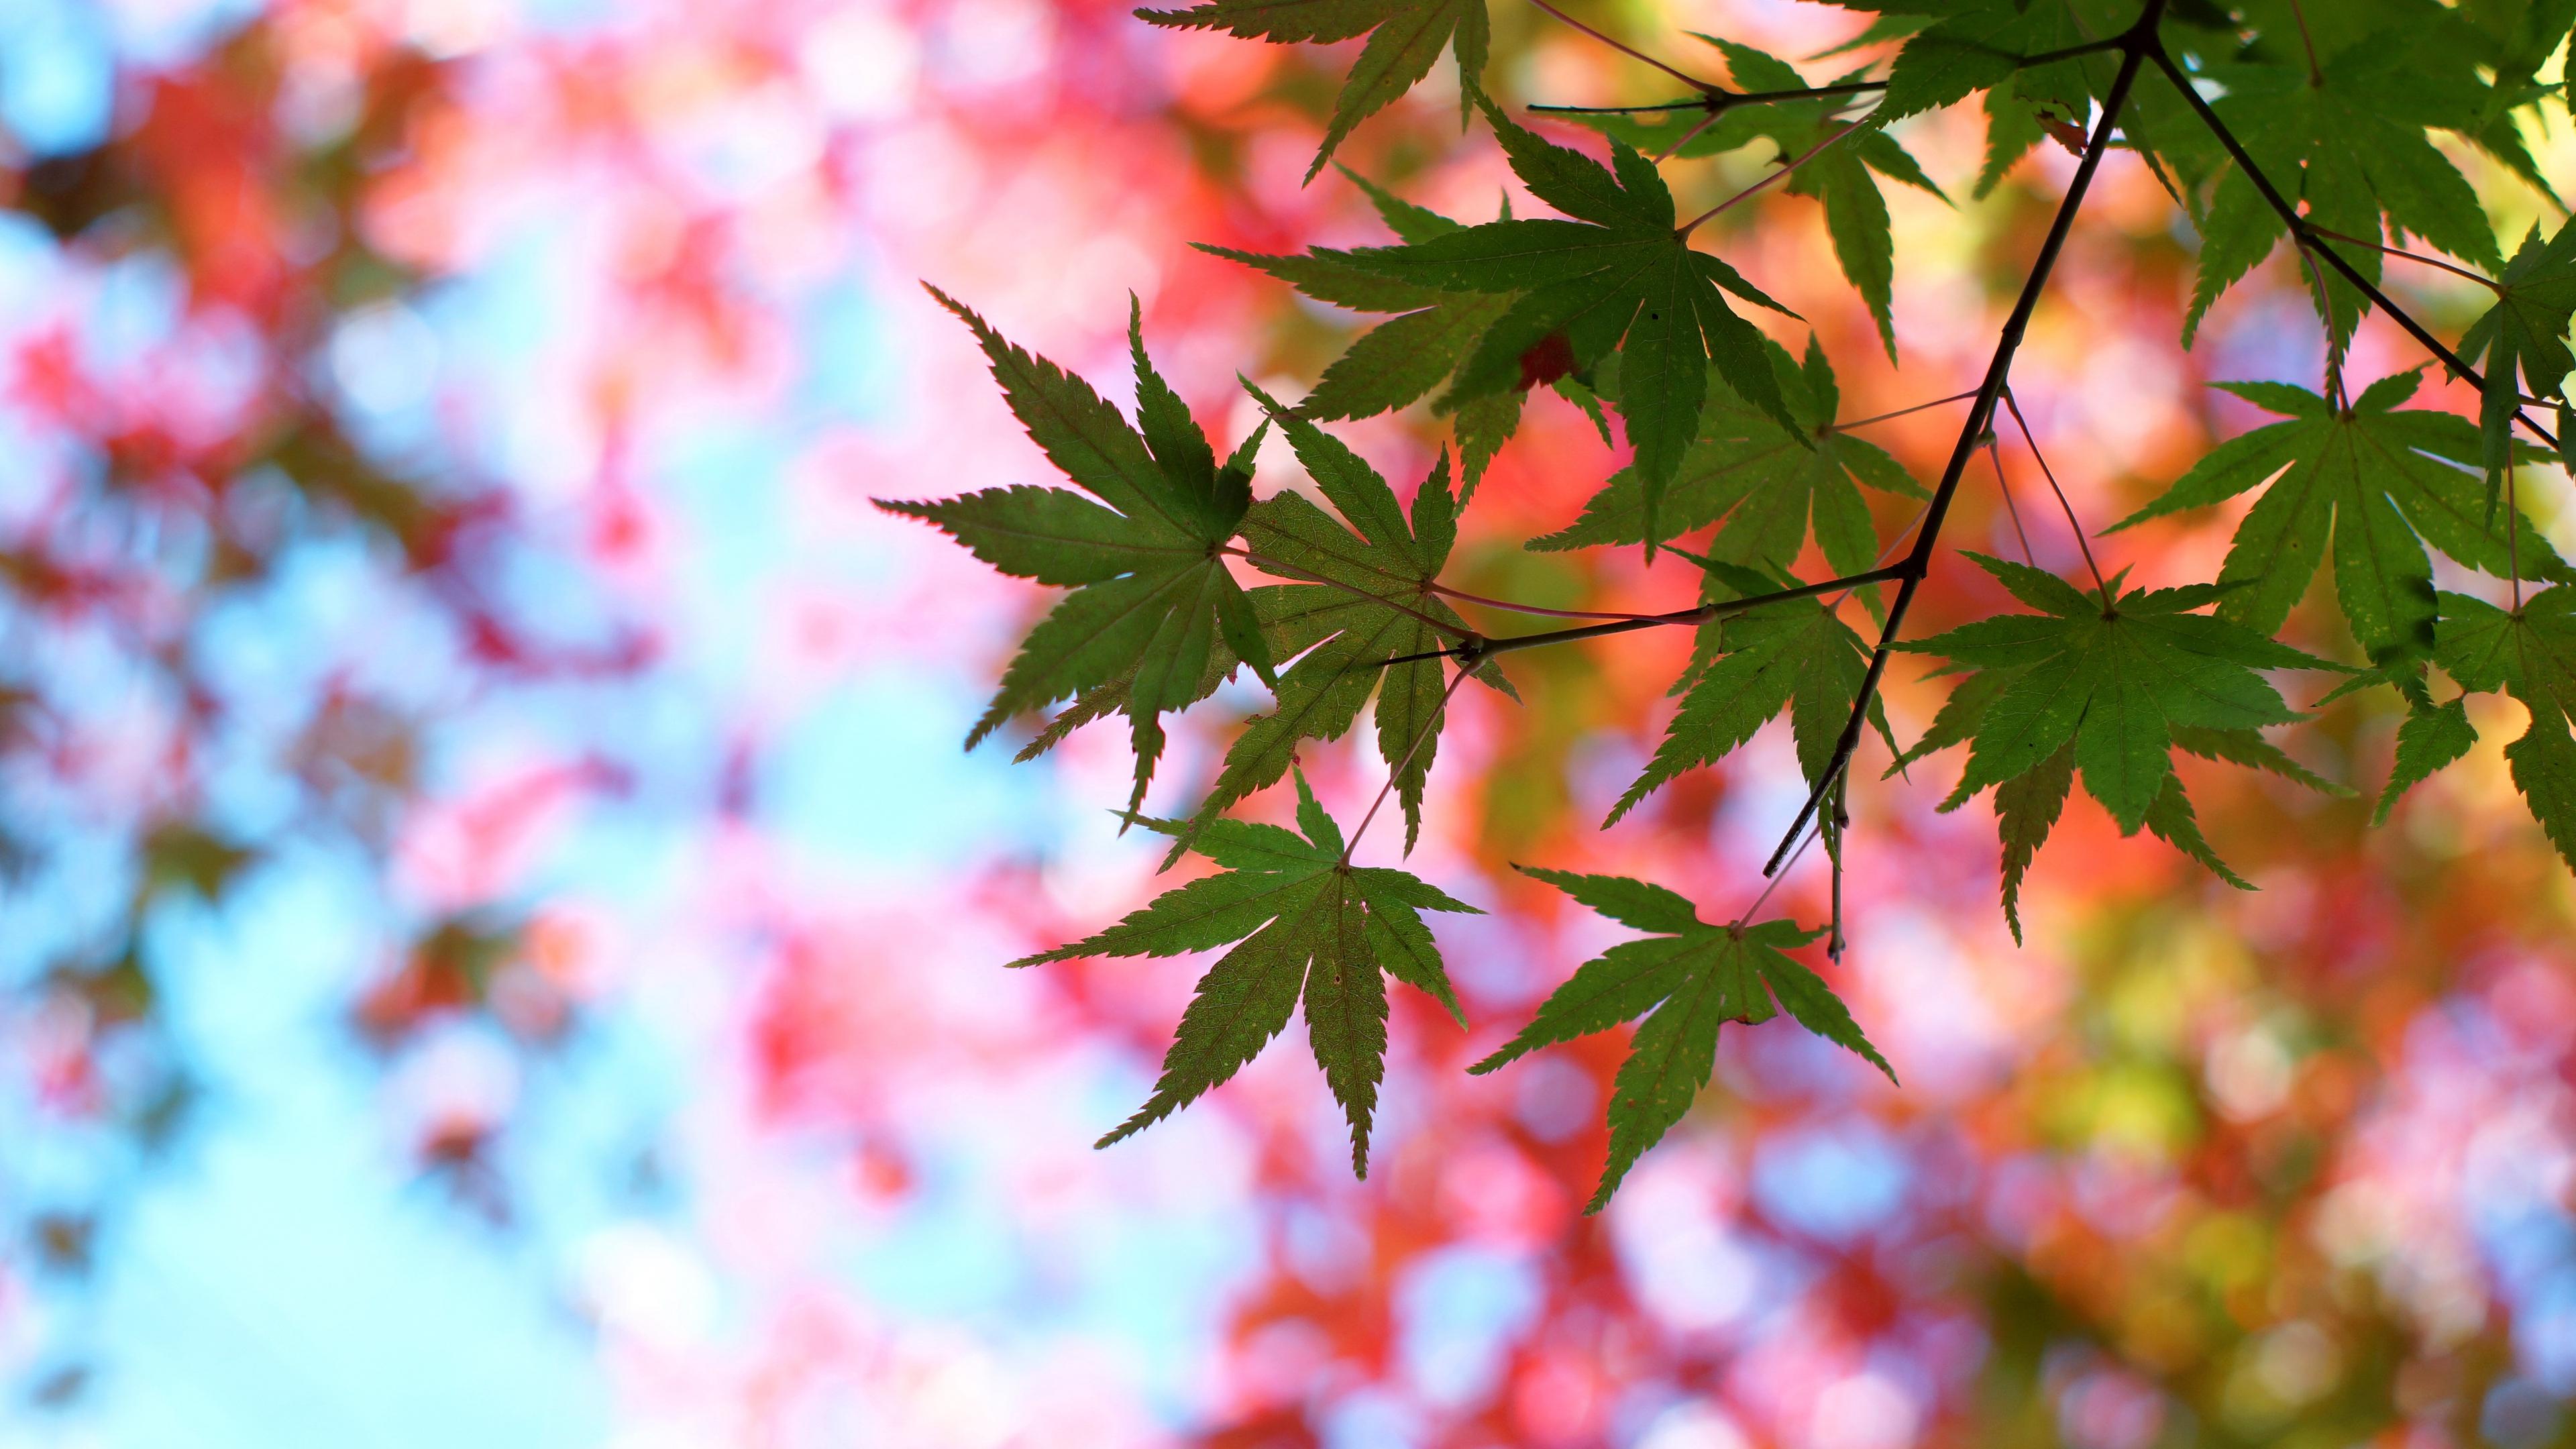 leaves maple glare branch tree summer 4k 1541116080 - leaves, maple, glare, branch, tree, summer 4k - Maple, Leaves, glare